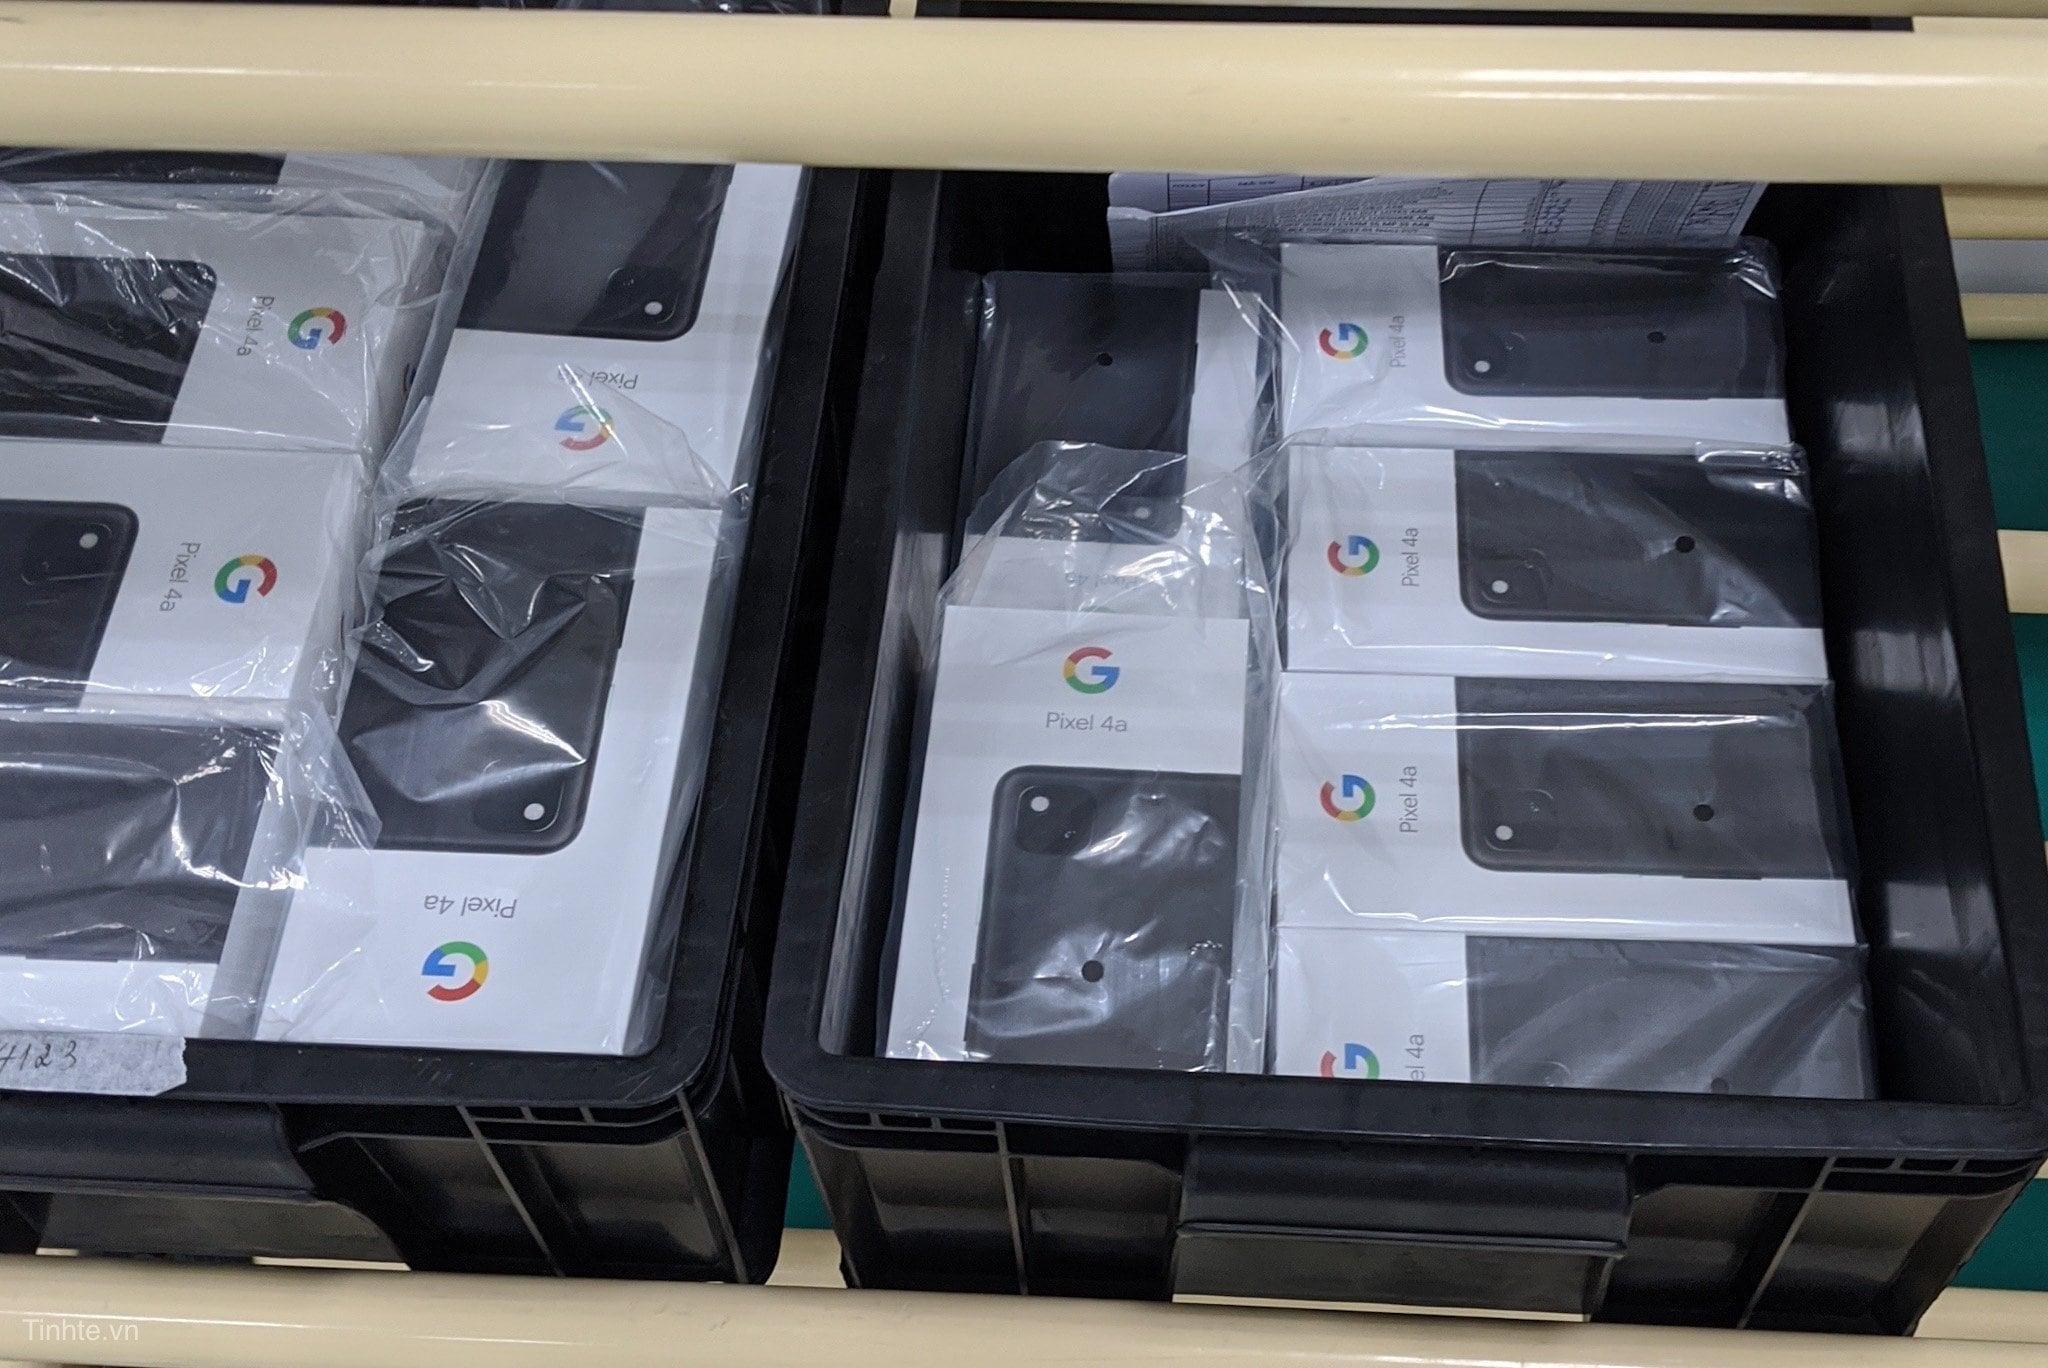 Dalla catena produttiva in Vietnam c'è chi giura di aver avvistato Pixel 4a XL: vogliamo crederci? (foto)